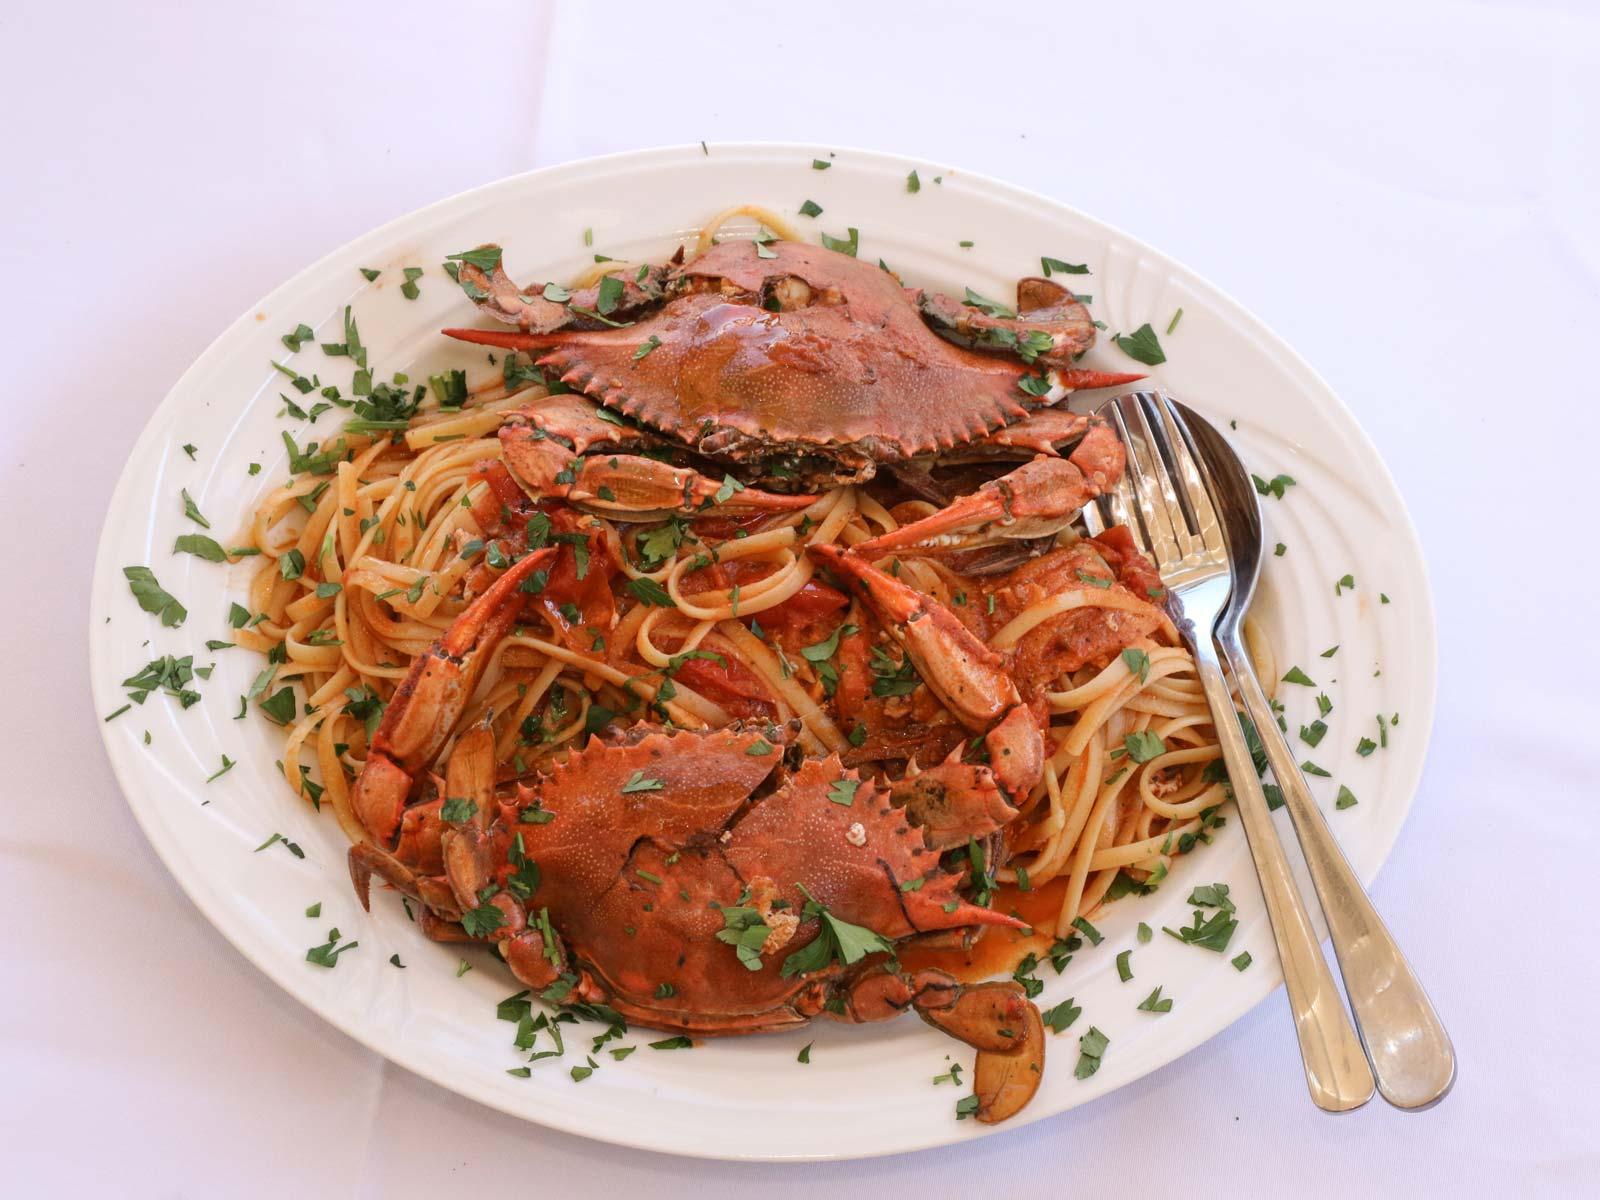 Ανακαλύψτε τα μονοπάτια των τοπικών γεύσεων μέσα από τις παραδοσιακές συνταγές της Ερείκουσας